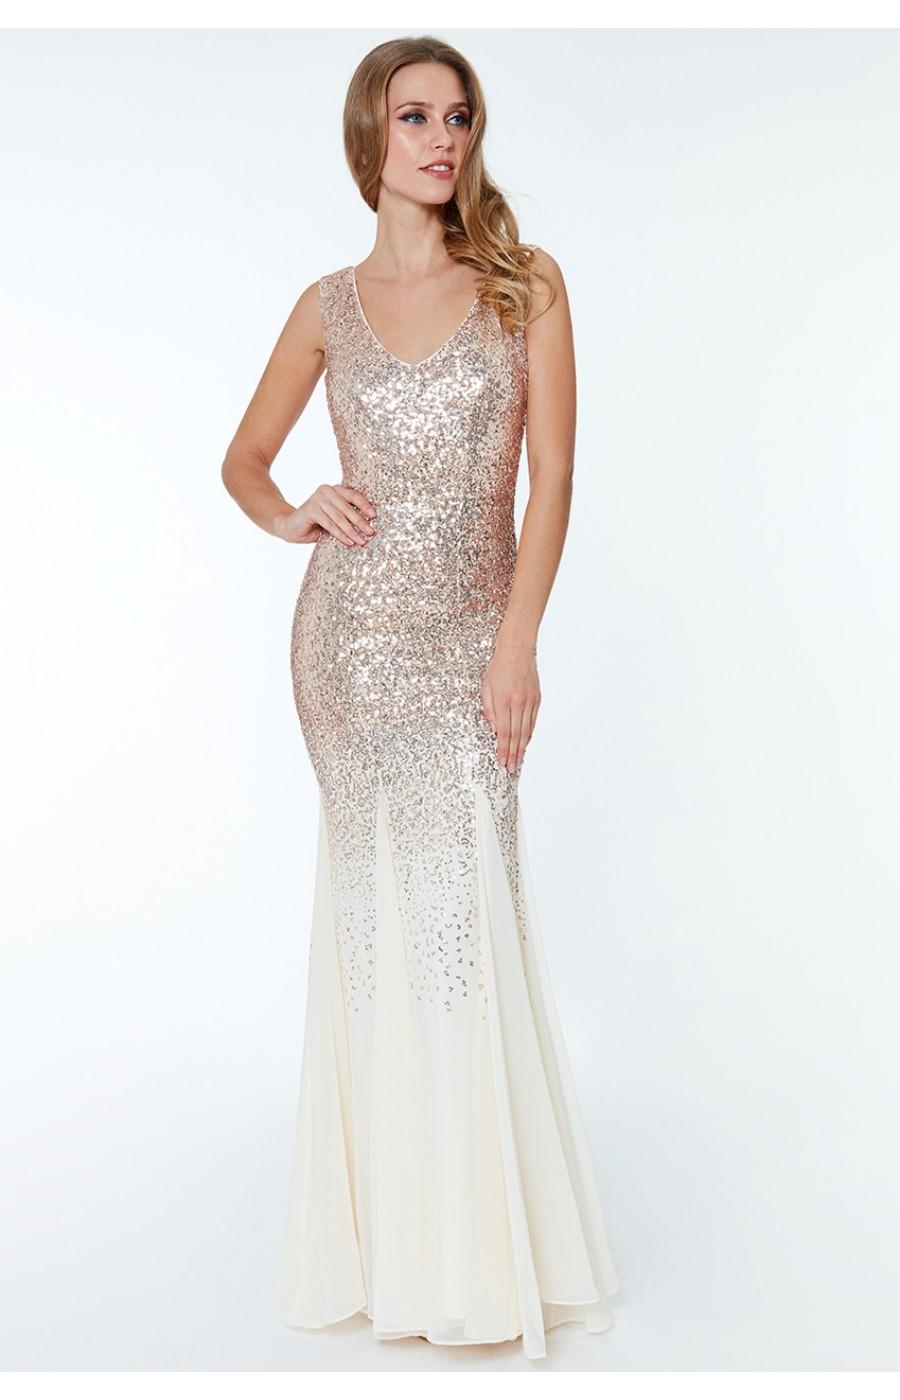 Επίσημο σαμπανί φόρεμα με παγιετες και σιφόν